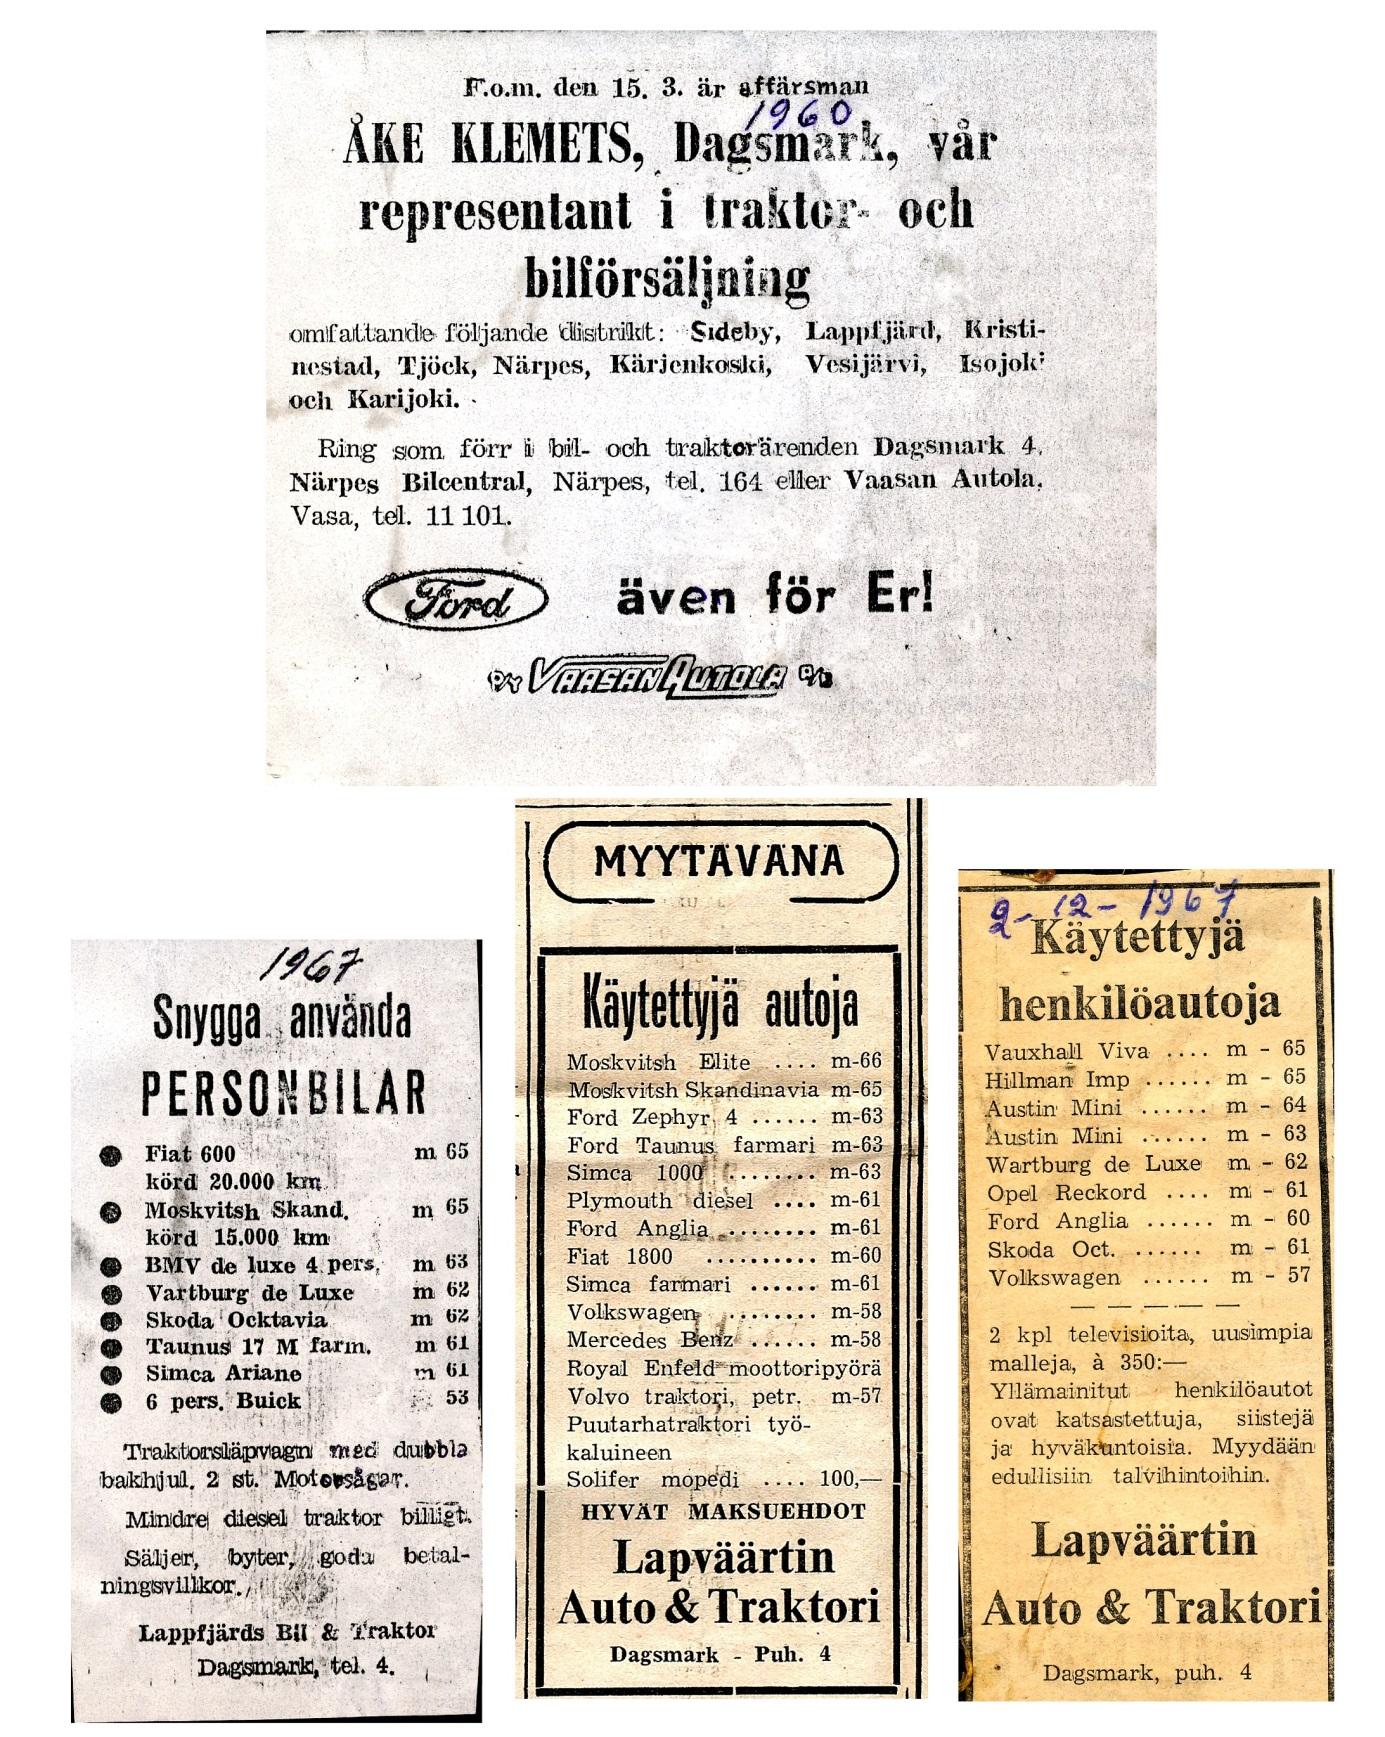 Åke Klemets annonserade flitigt i de lokala tidningarna på 1960-talet. År 1960 blev han till och med områdesrepresentant för Fords personbilar och traktorer.